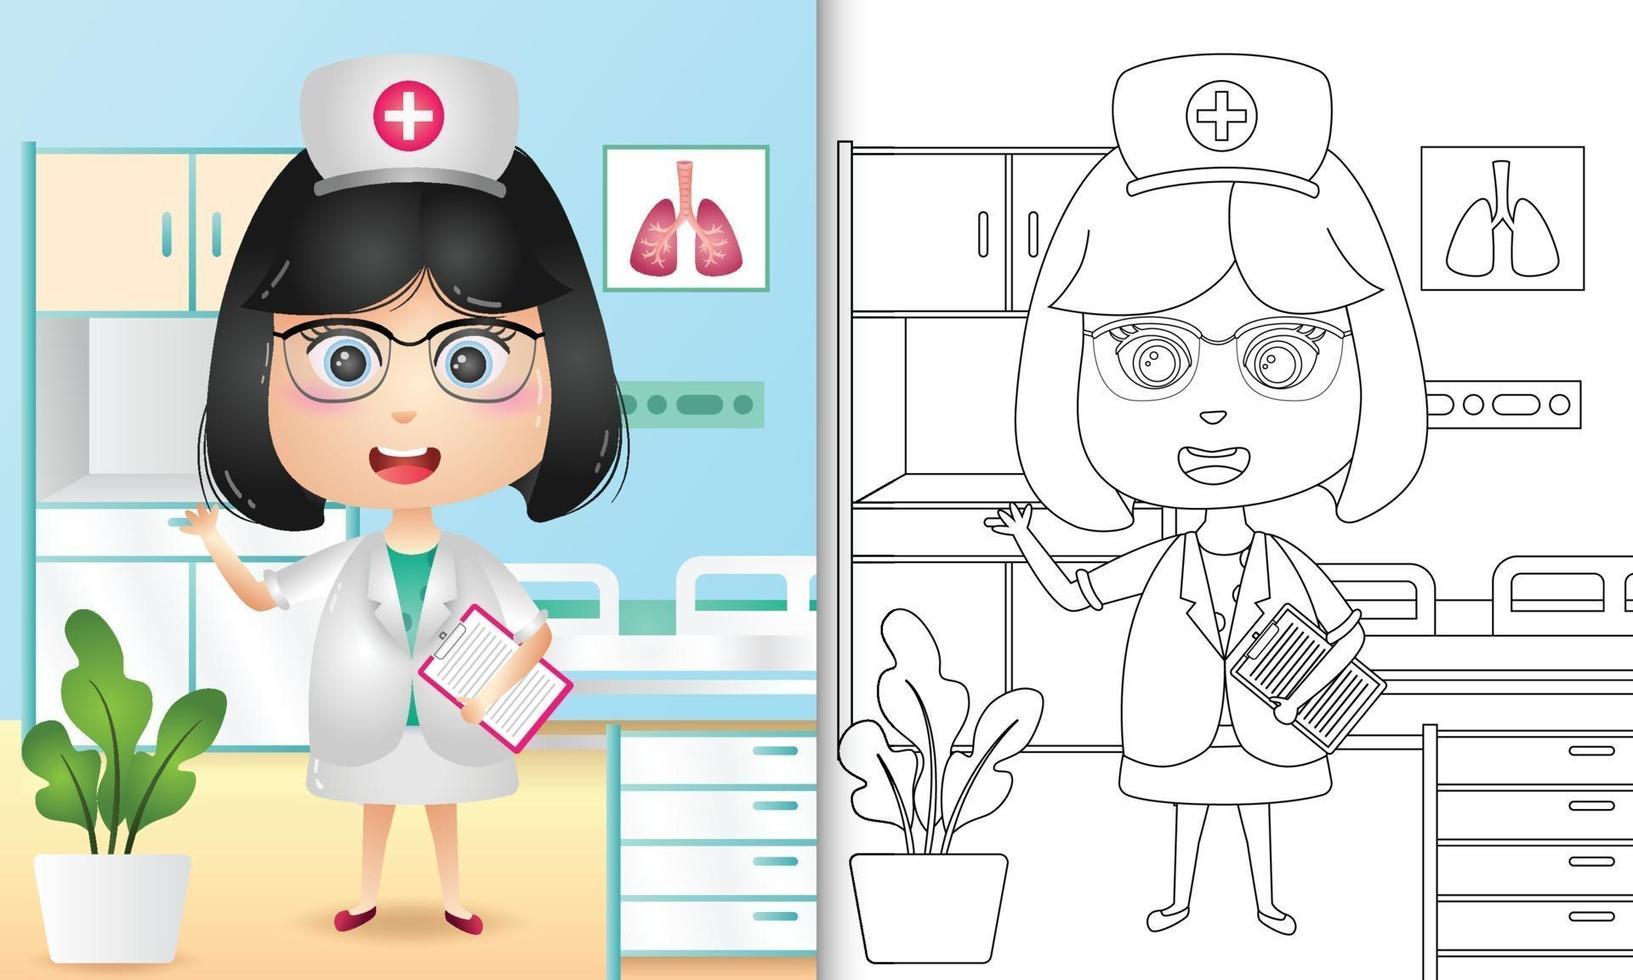 kleurboek voor kinderen met een schattig meisje verpleegster karakter illustratie vector